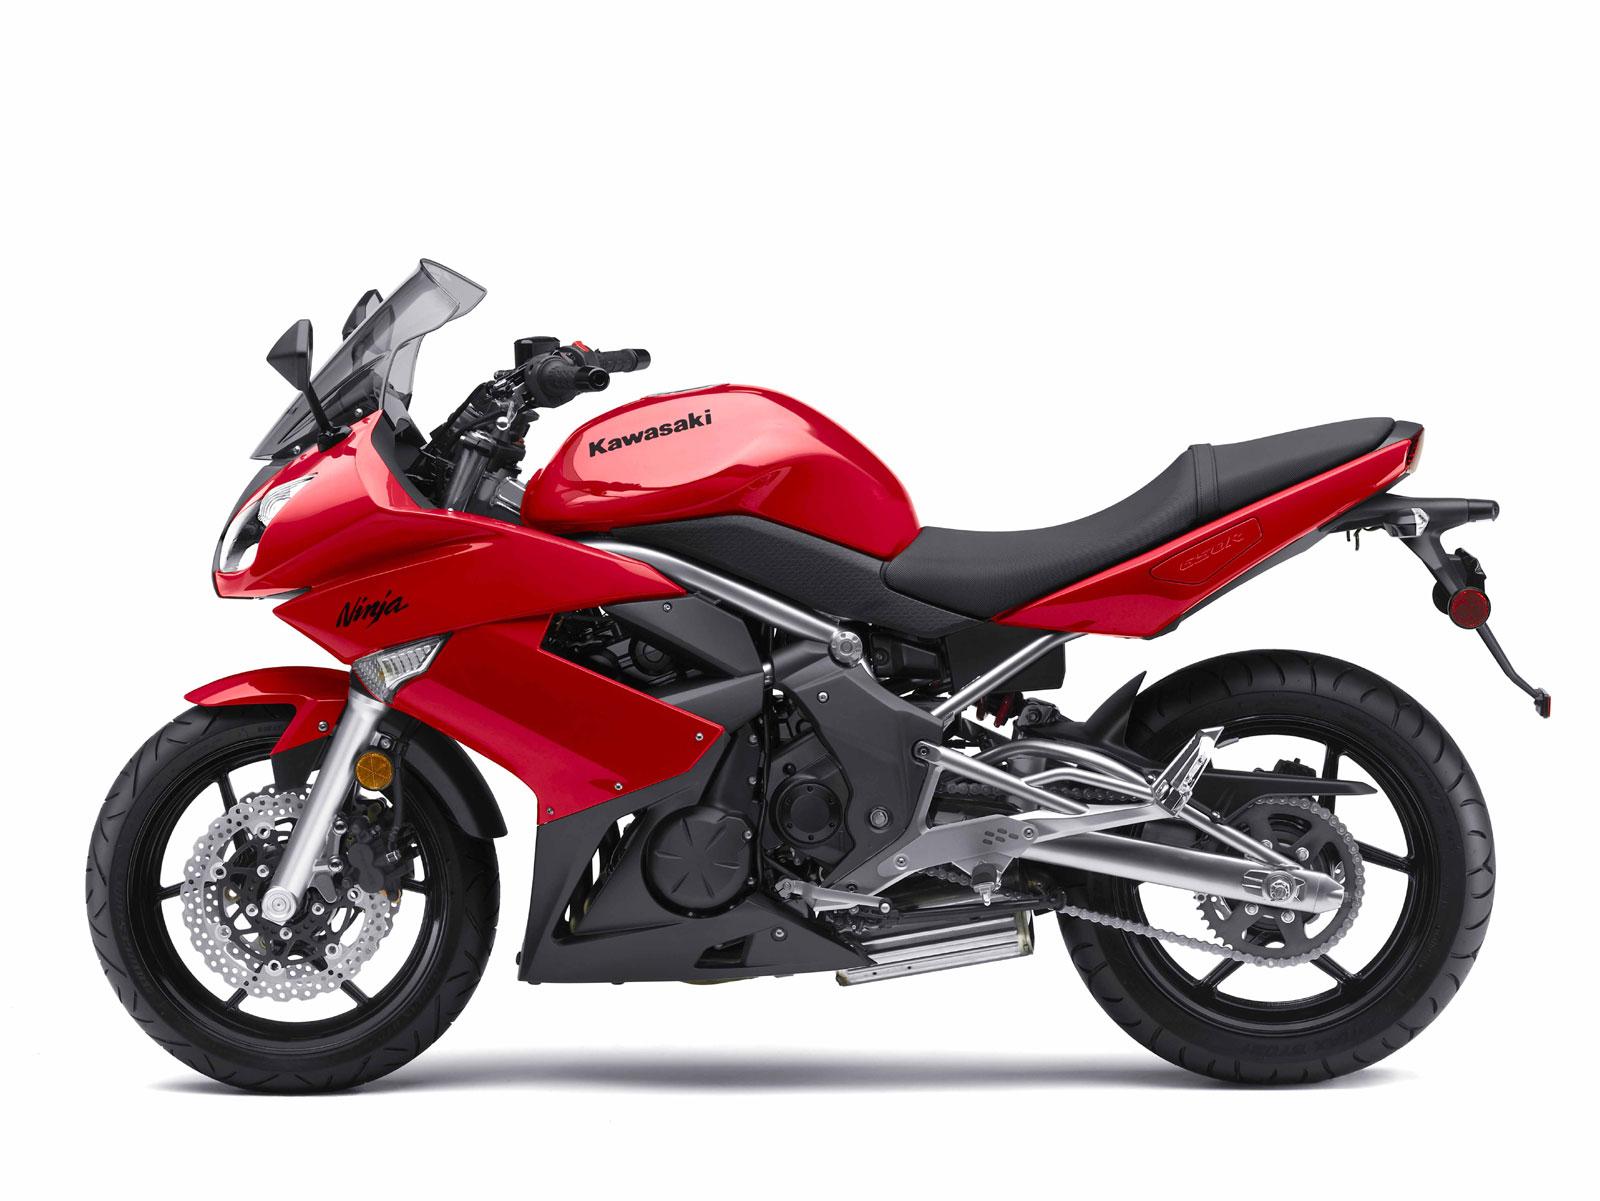 http://4.bp.blogspot.com/-7XCyHNWJ4Us/ThARuL-PEcI/AAAAAAAAAbM/eFE8yG5zBRc/s1600/SPorts+Bike+Kawasaki+Ninja+650+R.jpg